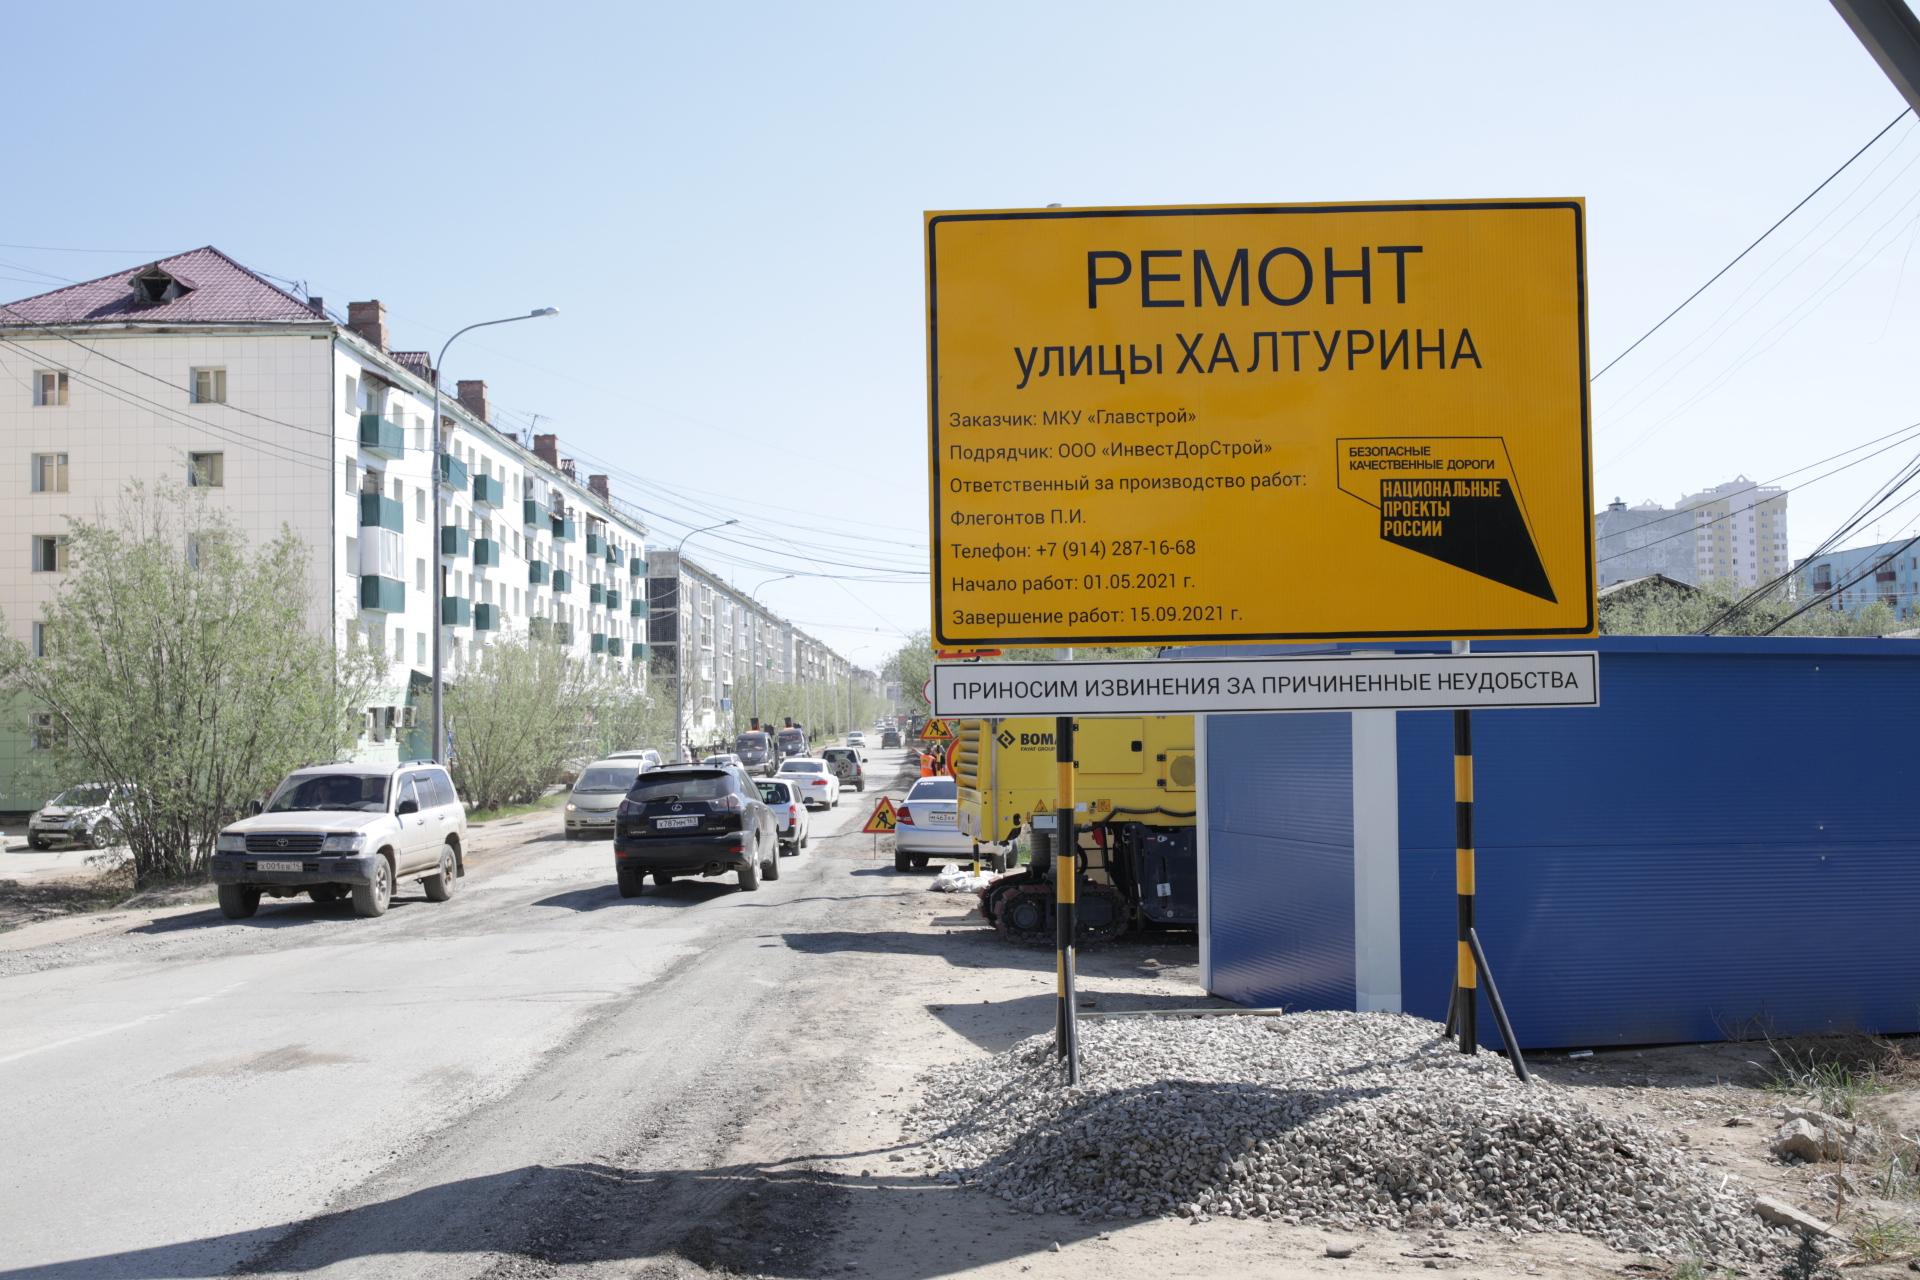 Реализация нацпроекта «Безопасные качественные дороги»: заасфальтировано 7 улиц, работы ведутся на 23 объектах